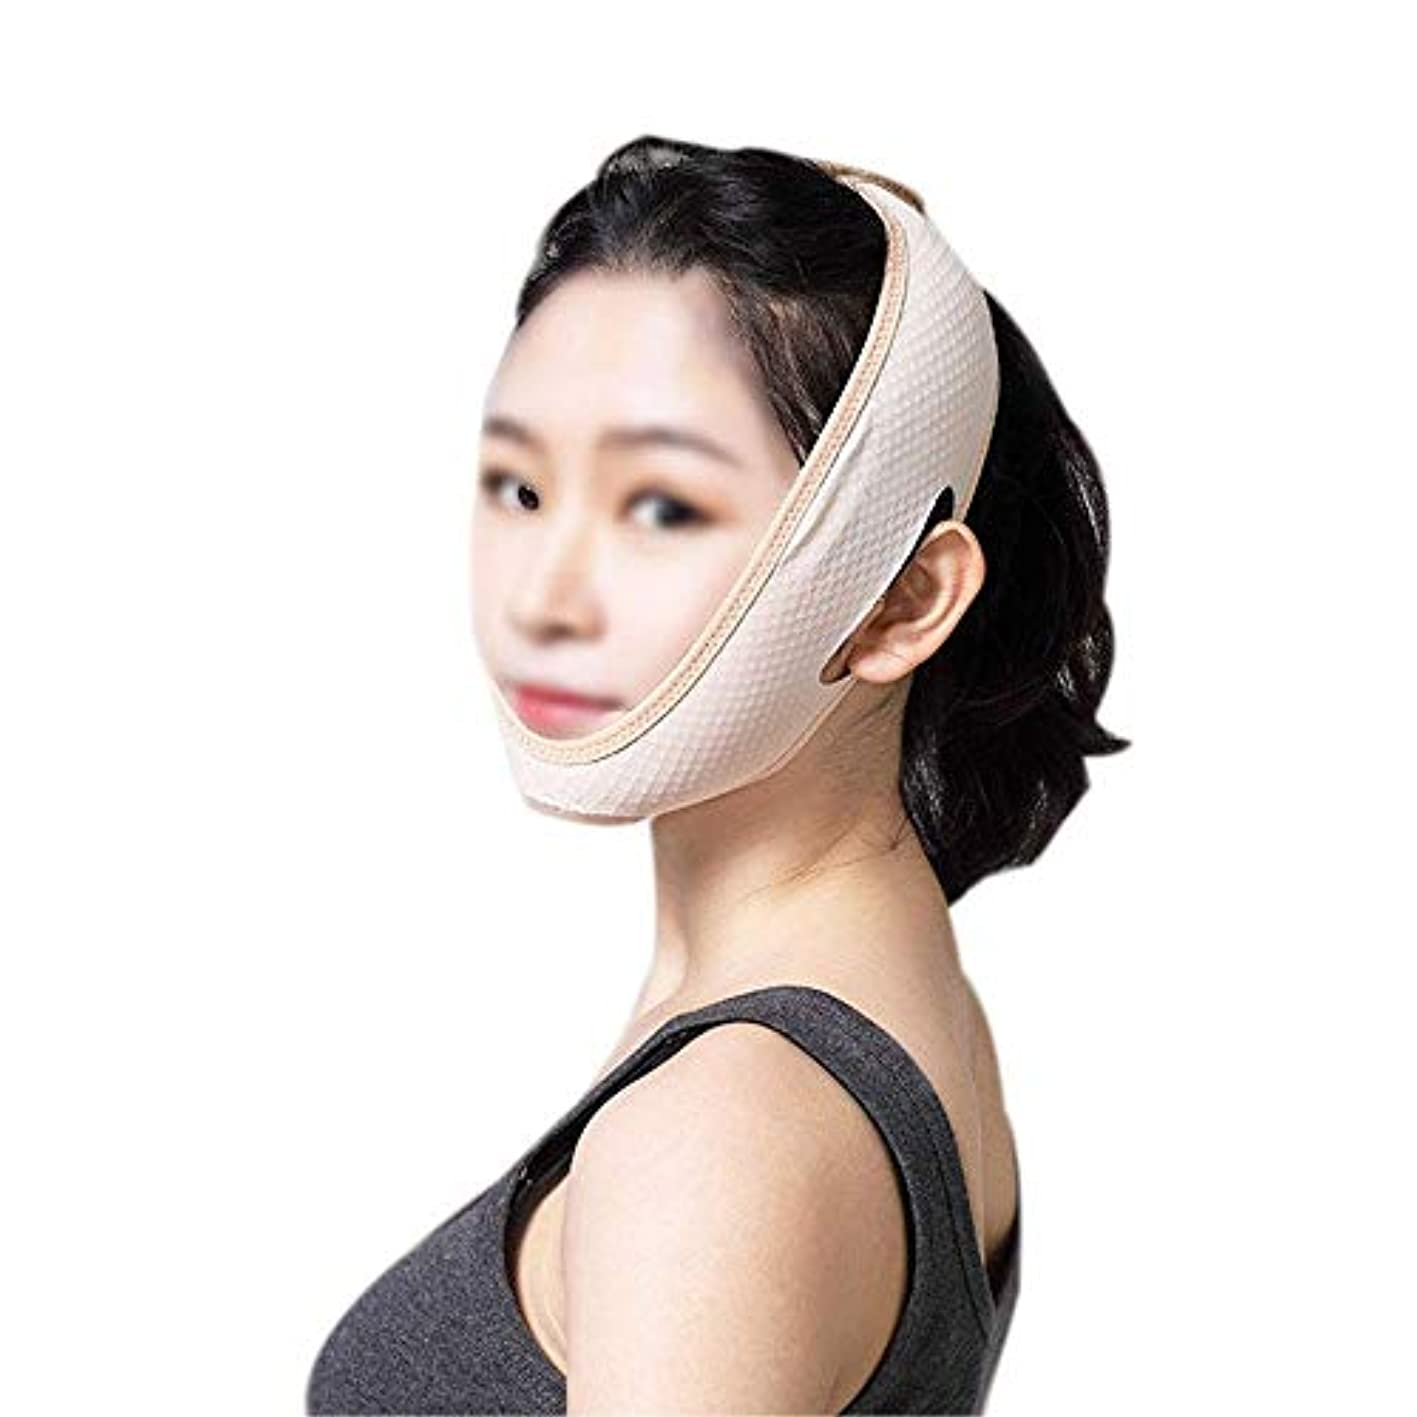 大邸宅ブルゴーニュ癌フェイスリフティングバンデージ、肌の引き締めを強化する薄いフェイスマスクの睡眠、ダブルチンマスクの削減